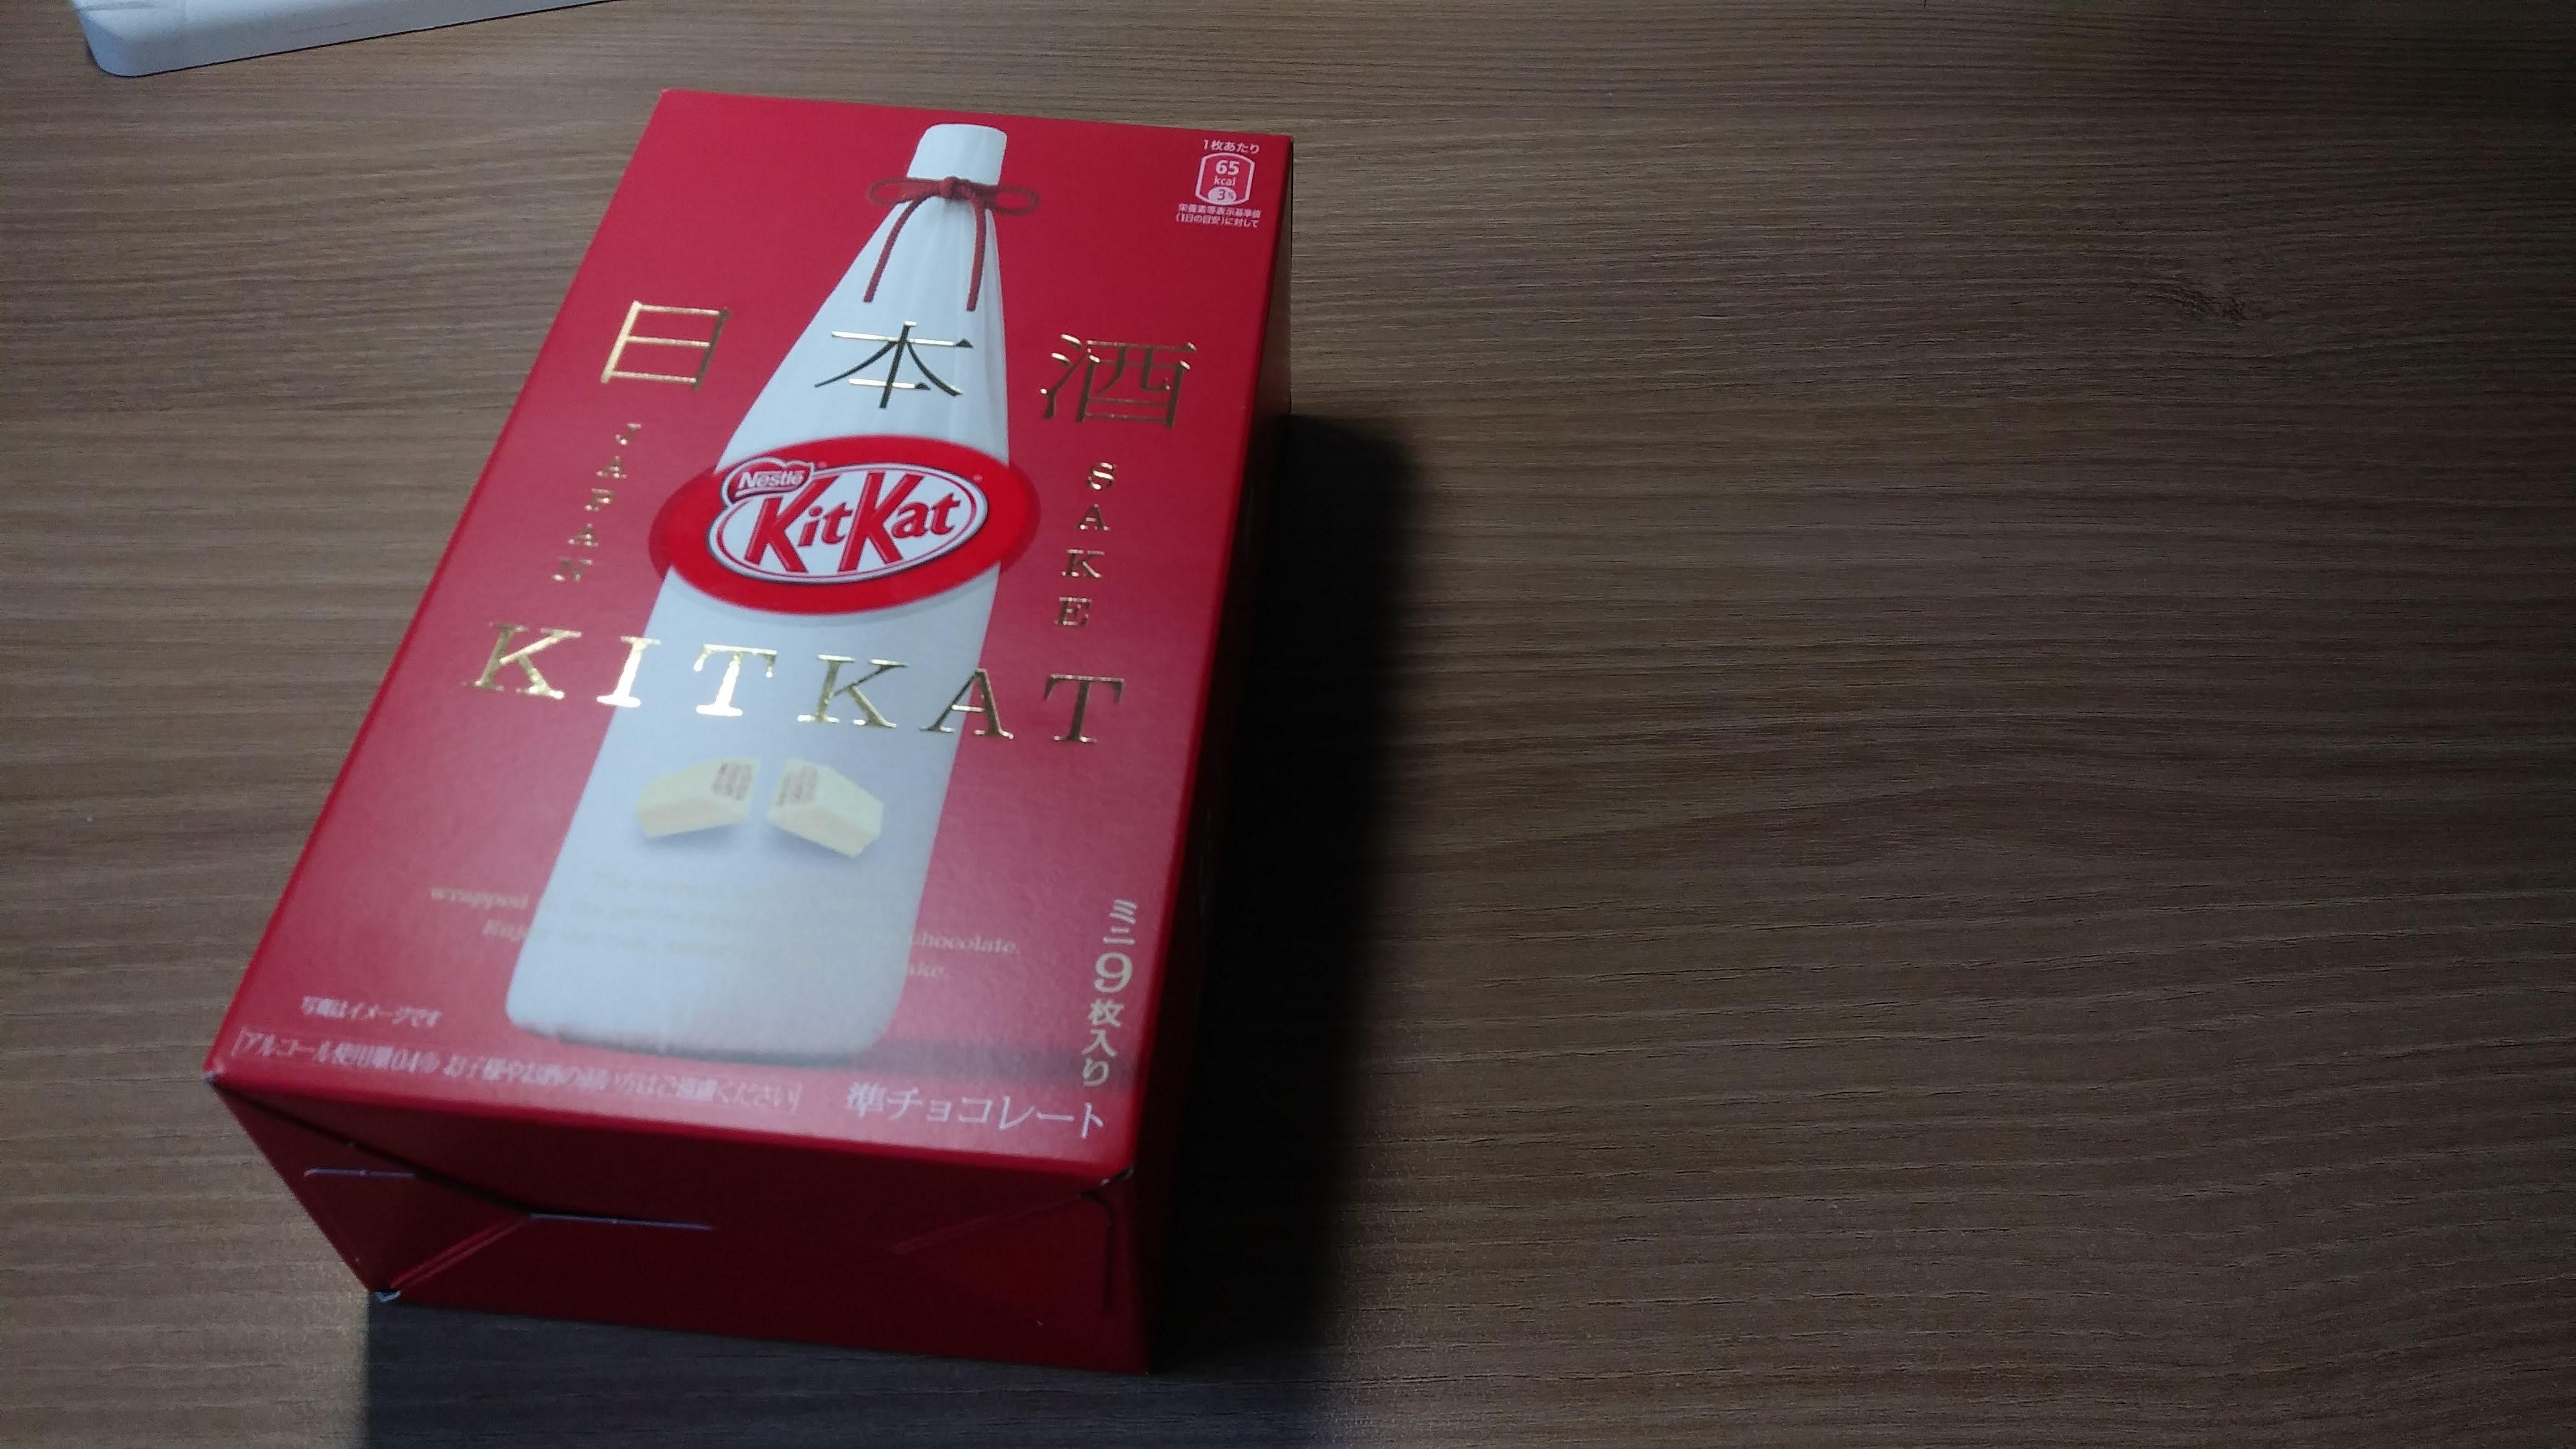 킷캣과 사케, 오묘한 조합이올시다 - 킷캣 일본주..